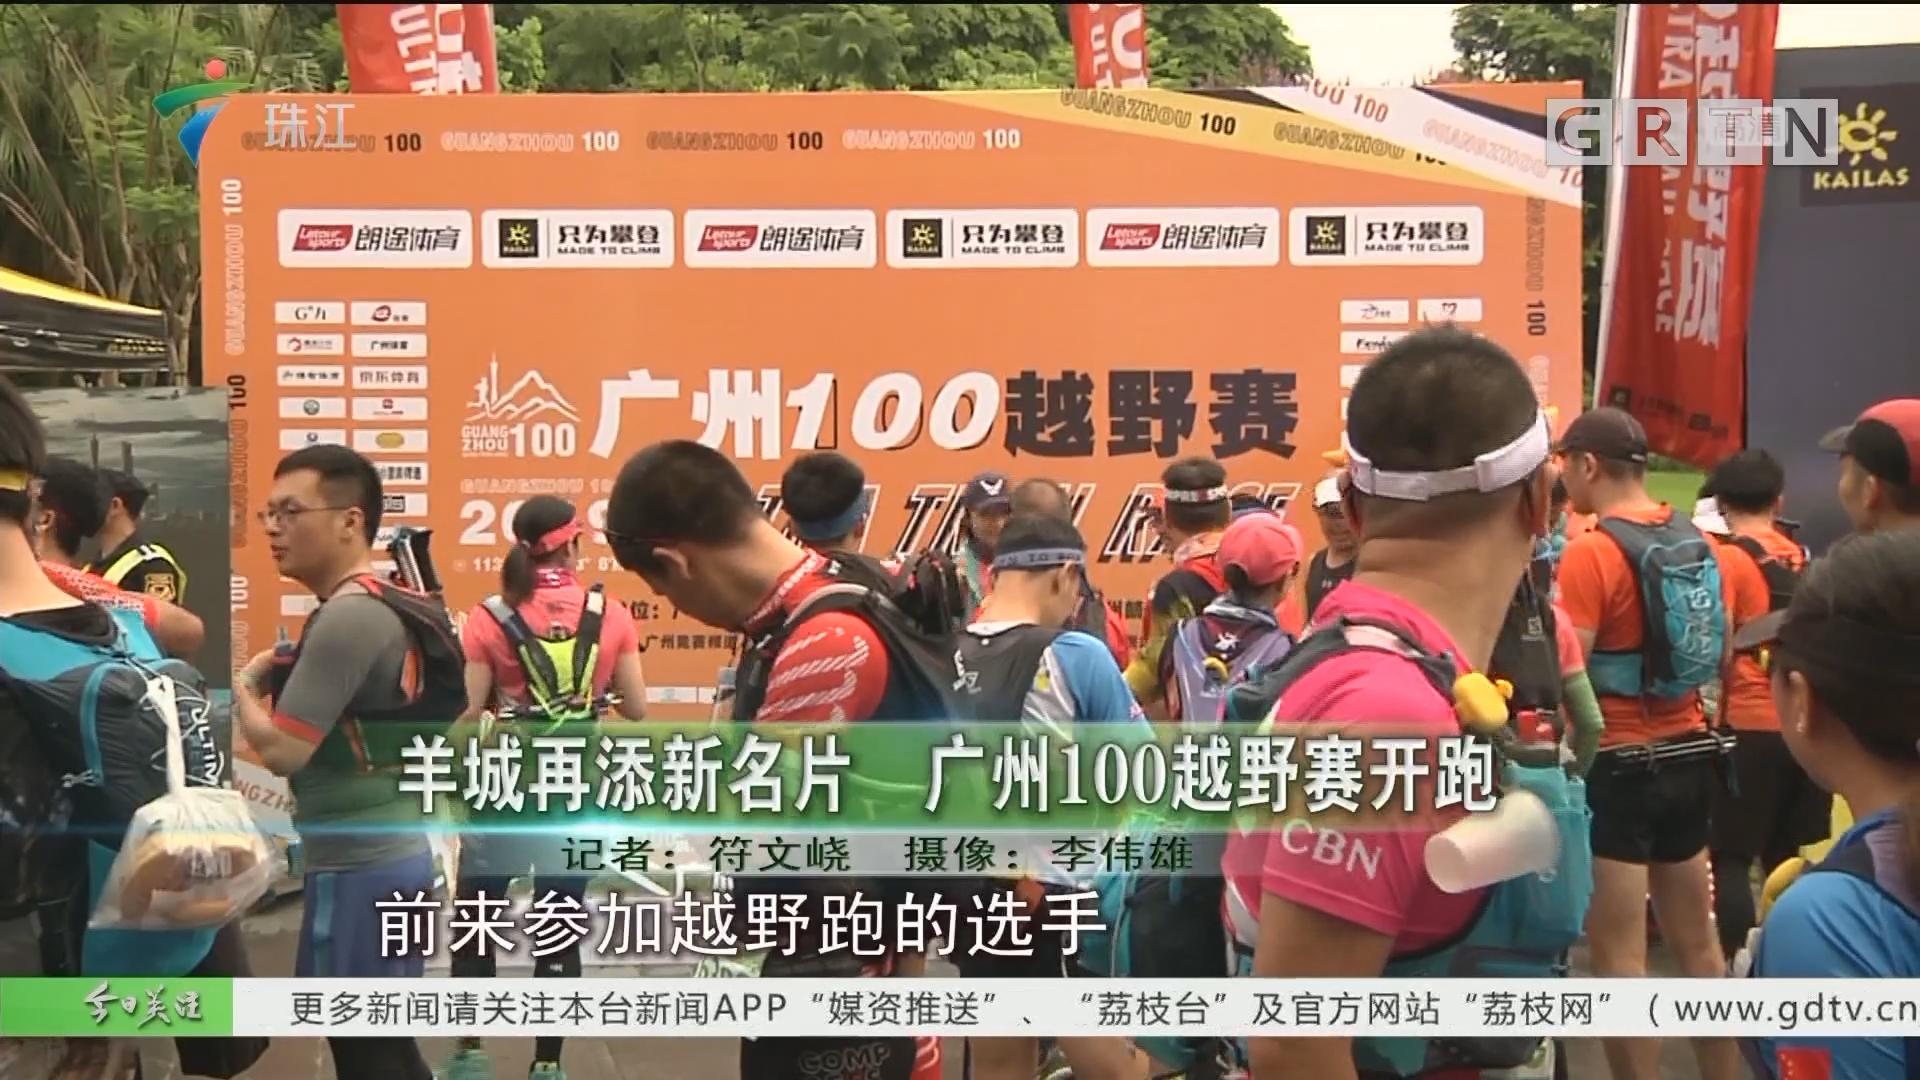 羊城再添新名片 广州100越野赛开跑